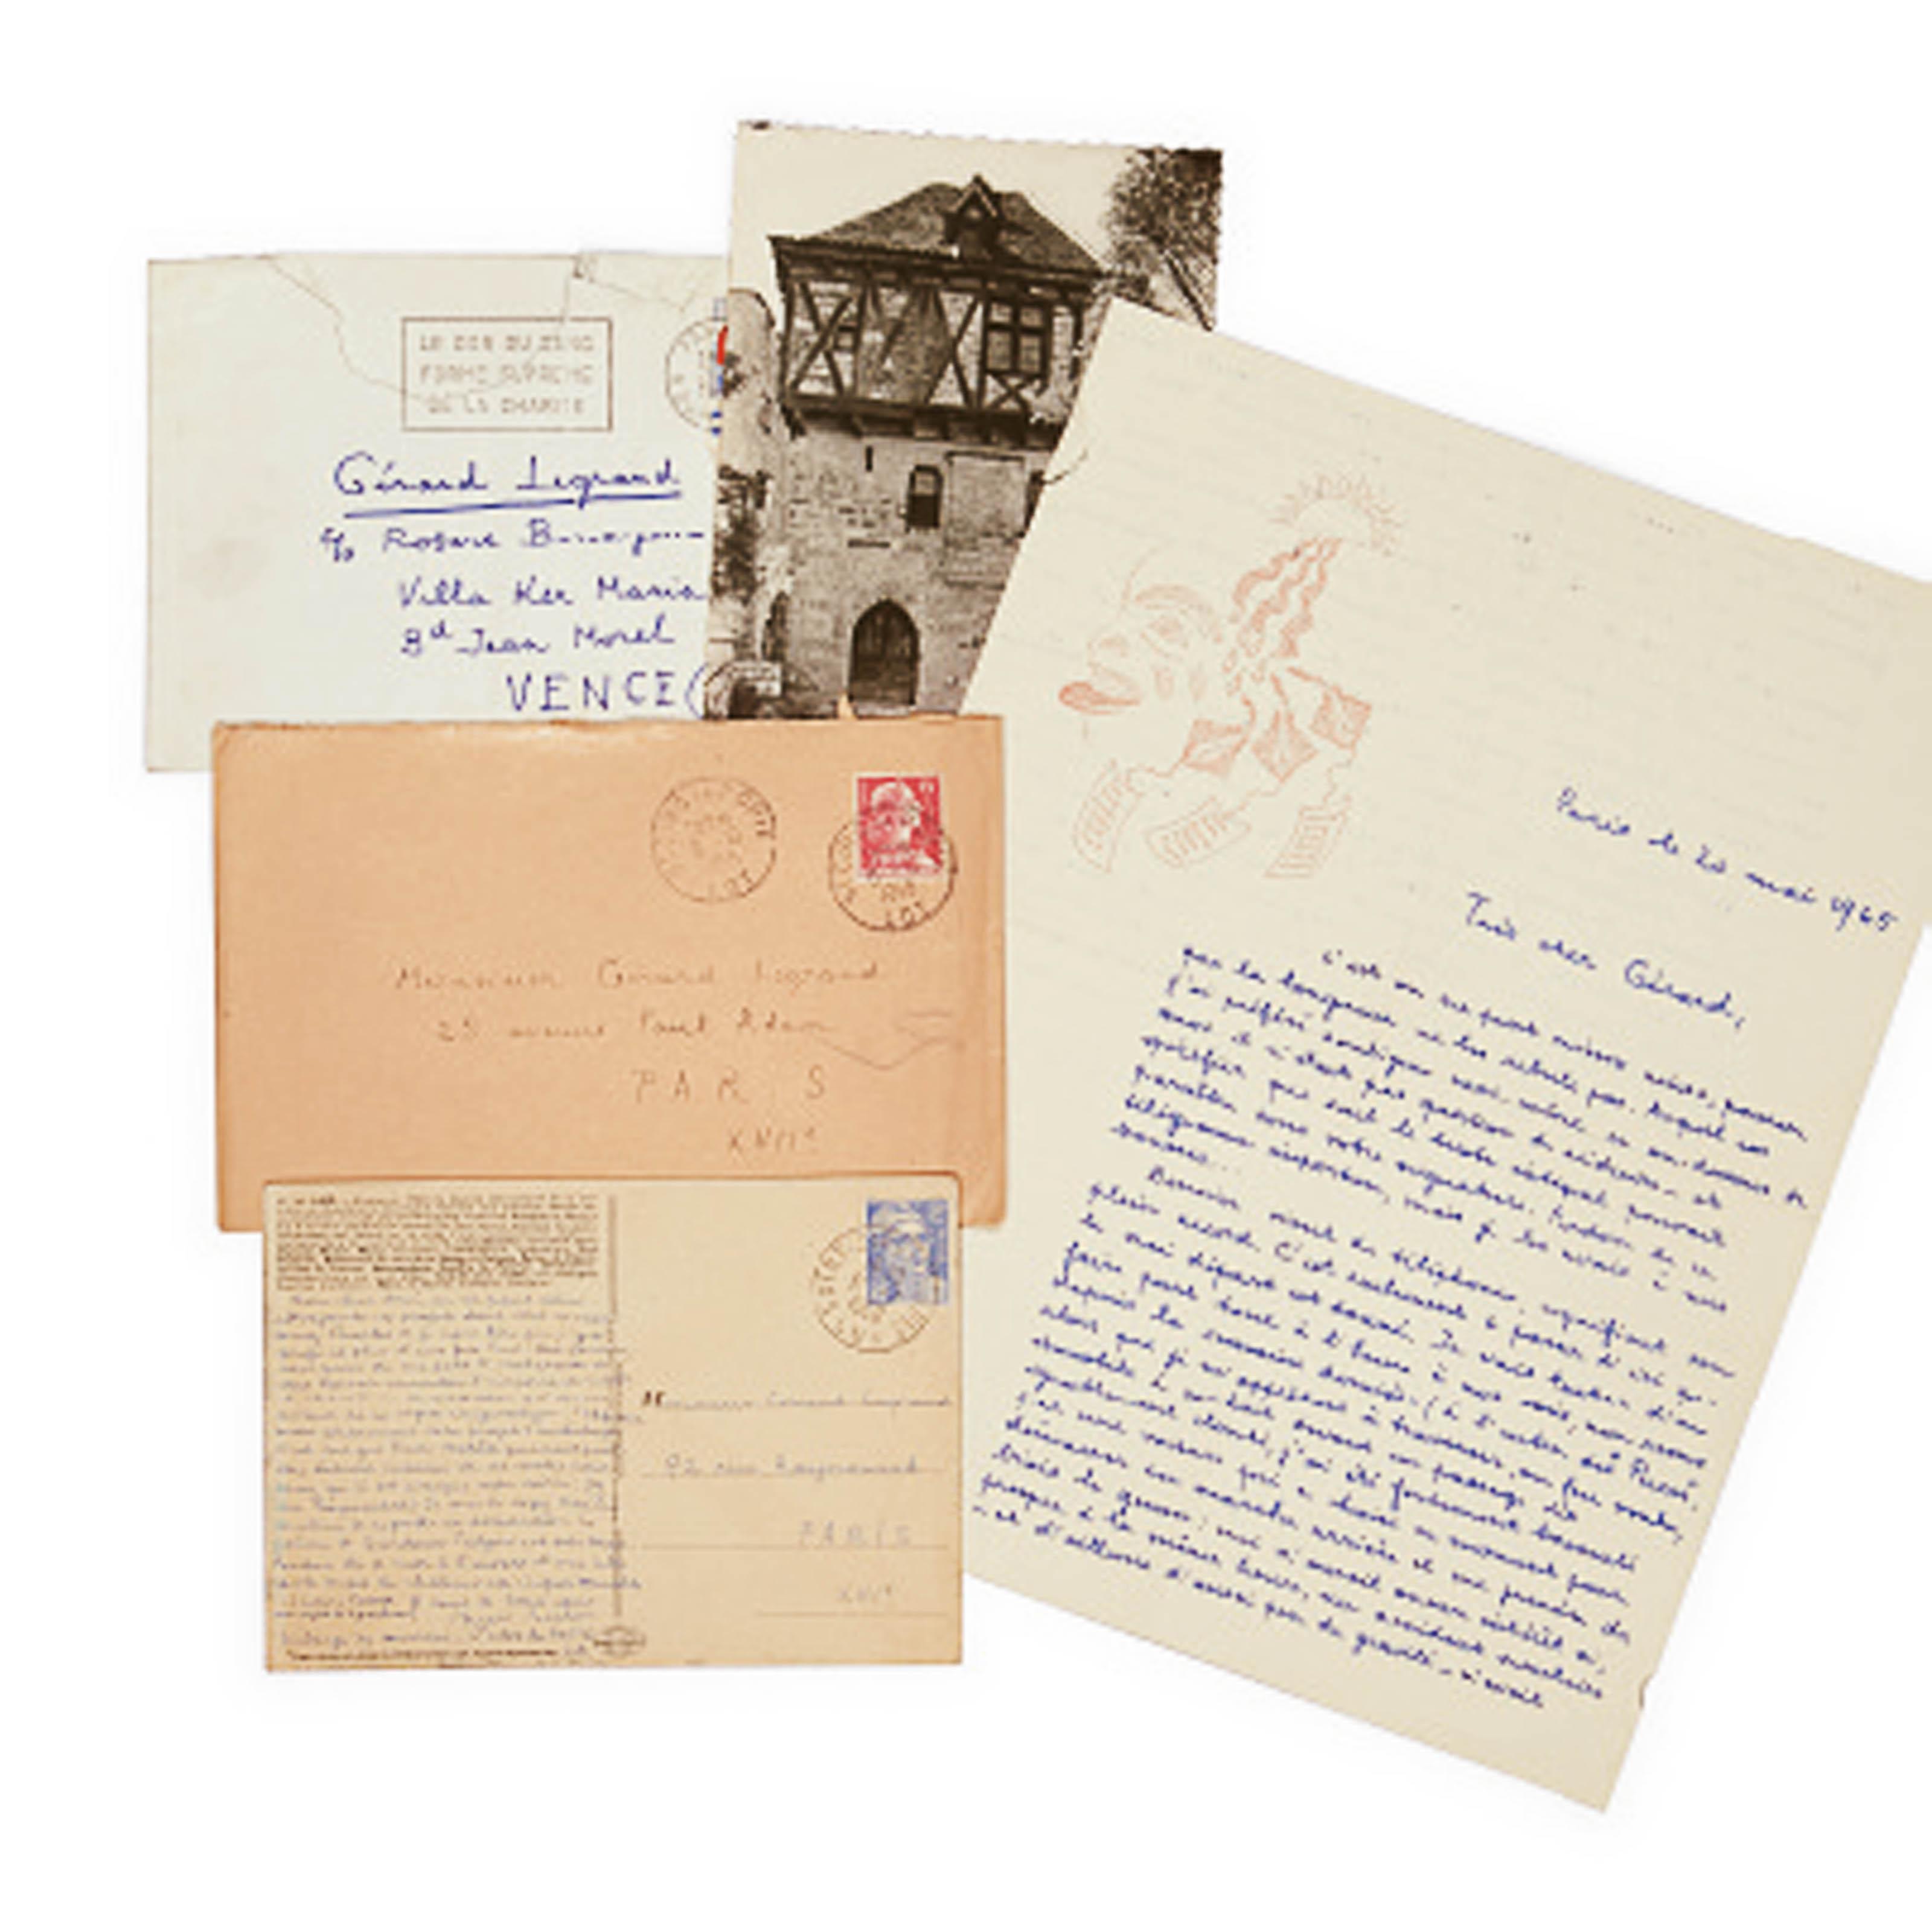 BRETON, André (1896-1966). 2 cartes postales et une lettre autographes adressées à Gérard Legrand entre 31 juillet 1950 et 20 mai 1965, avec deux enveloppes conservées.